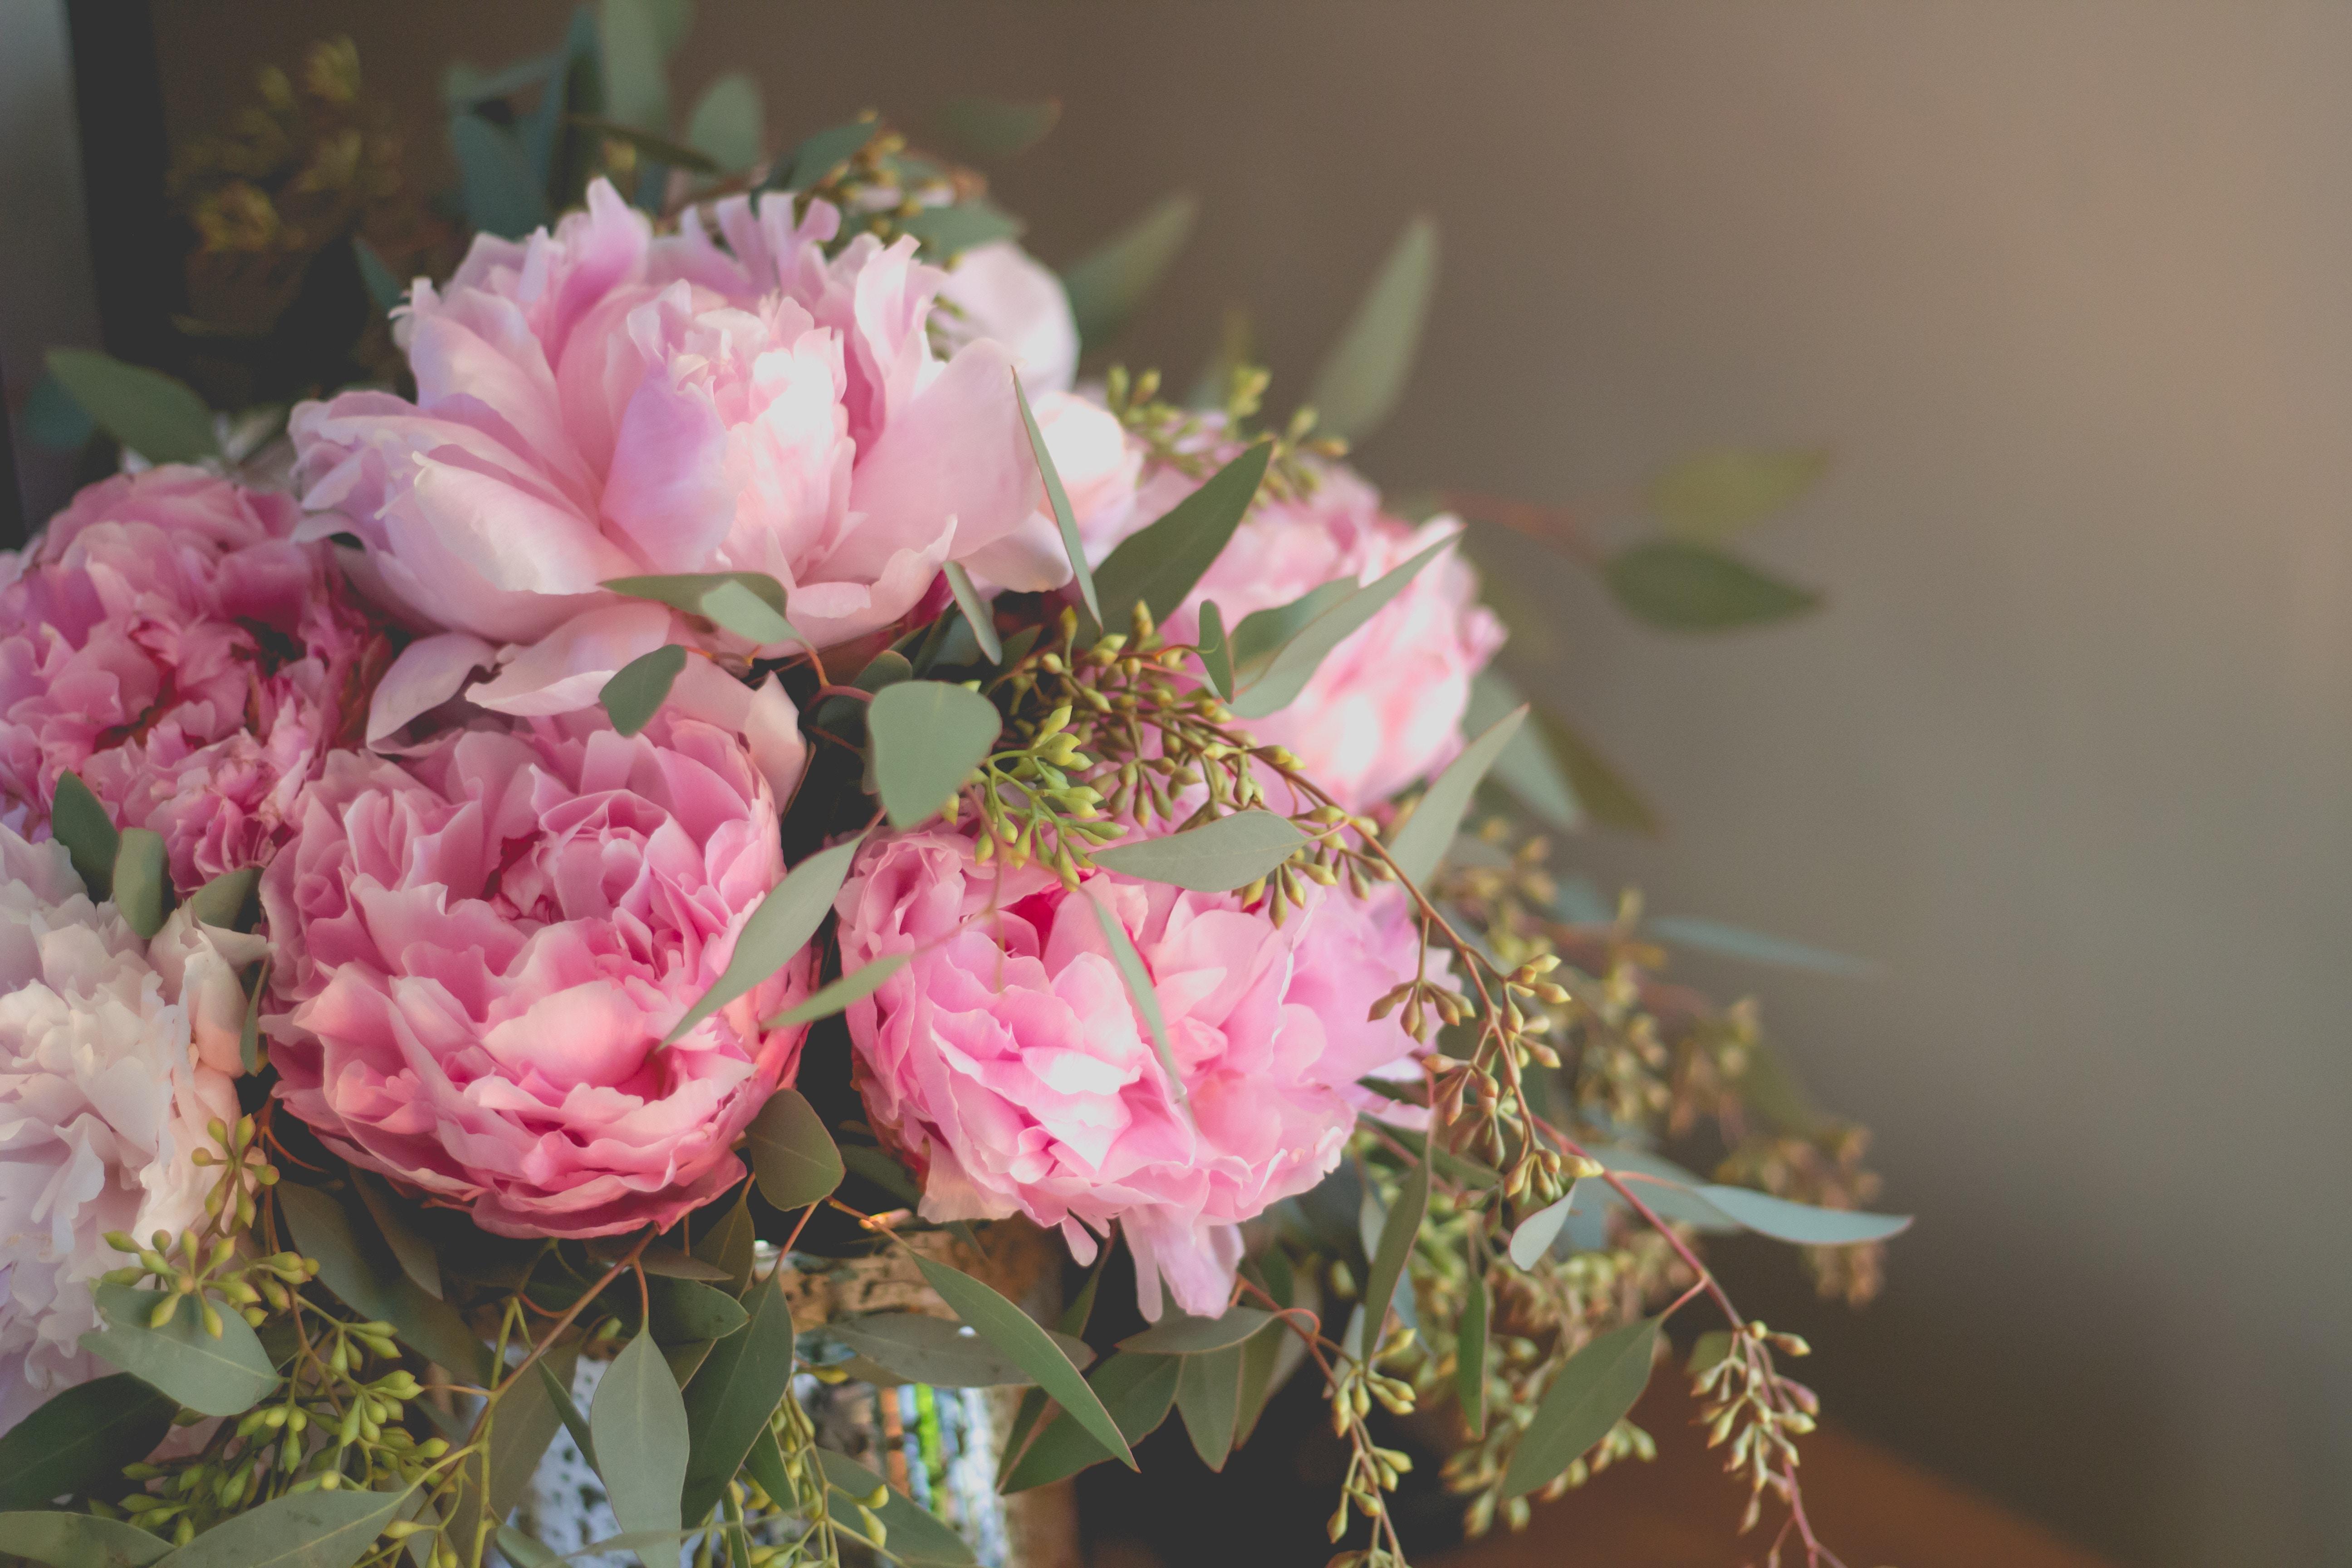 Interflora Livraison De Bouquet Domicile Les Caprices D Iris